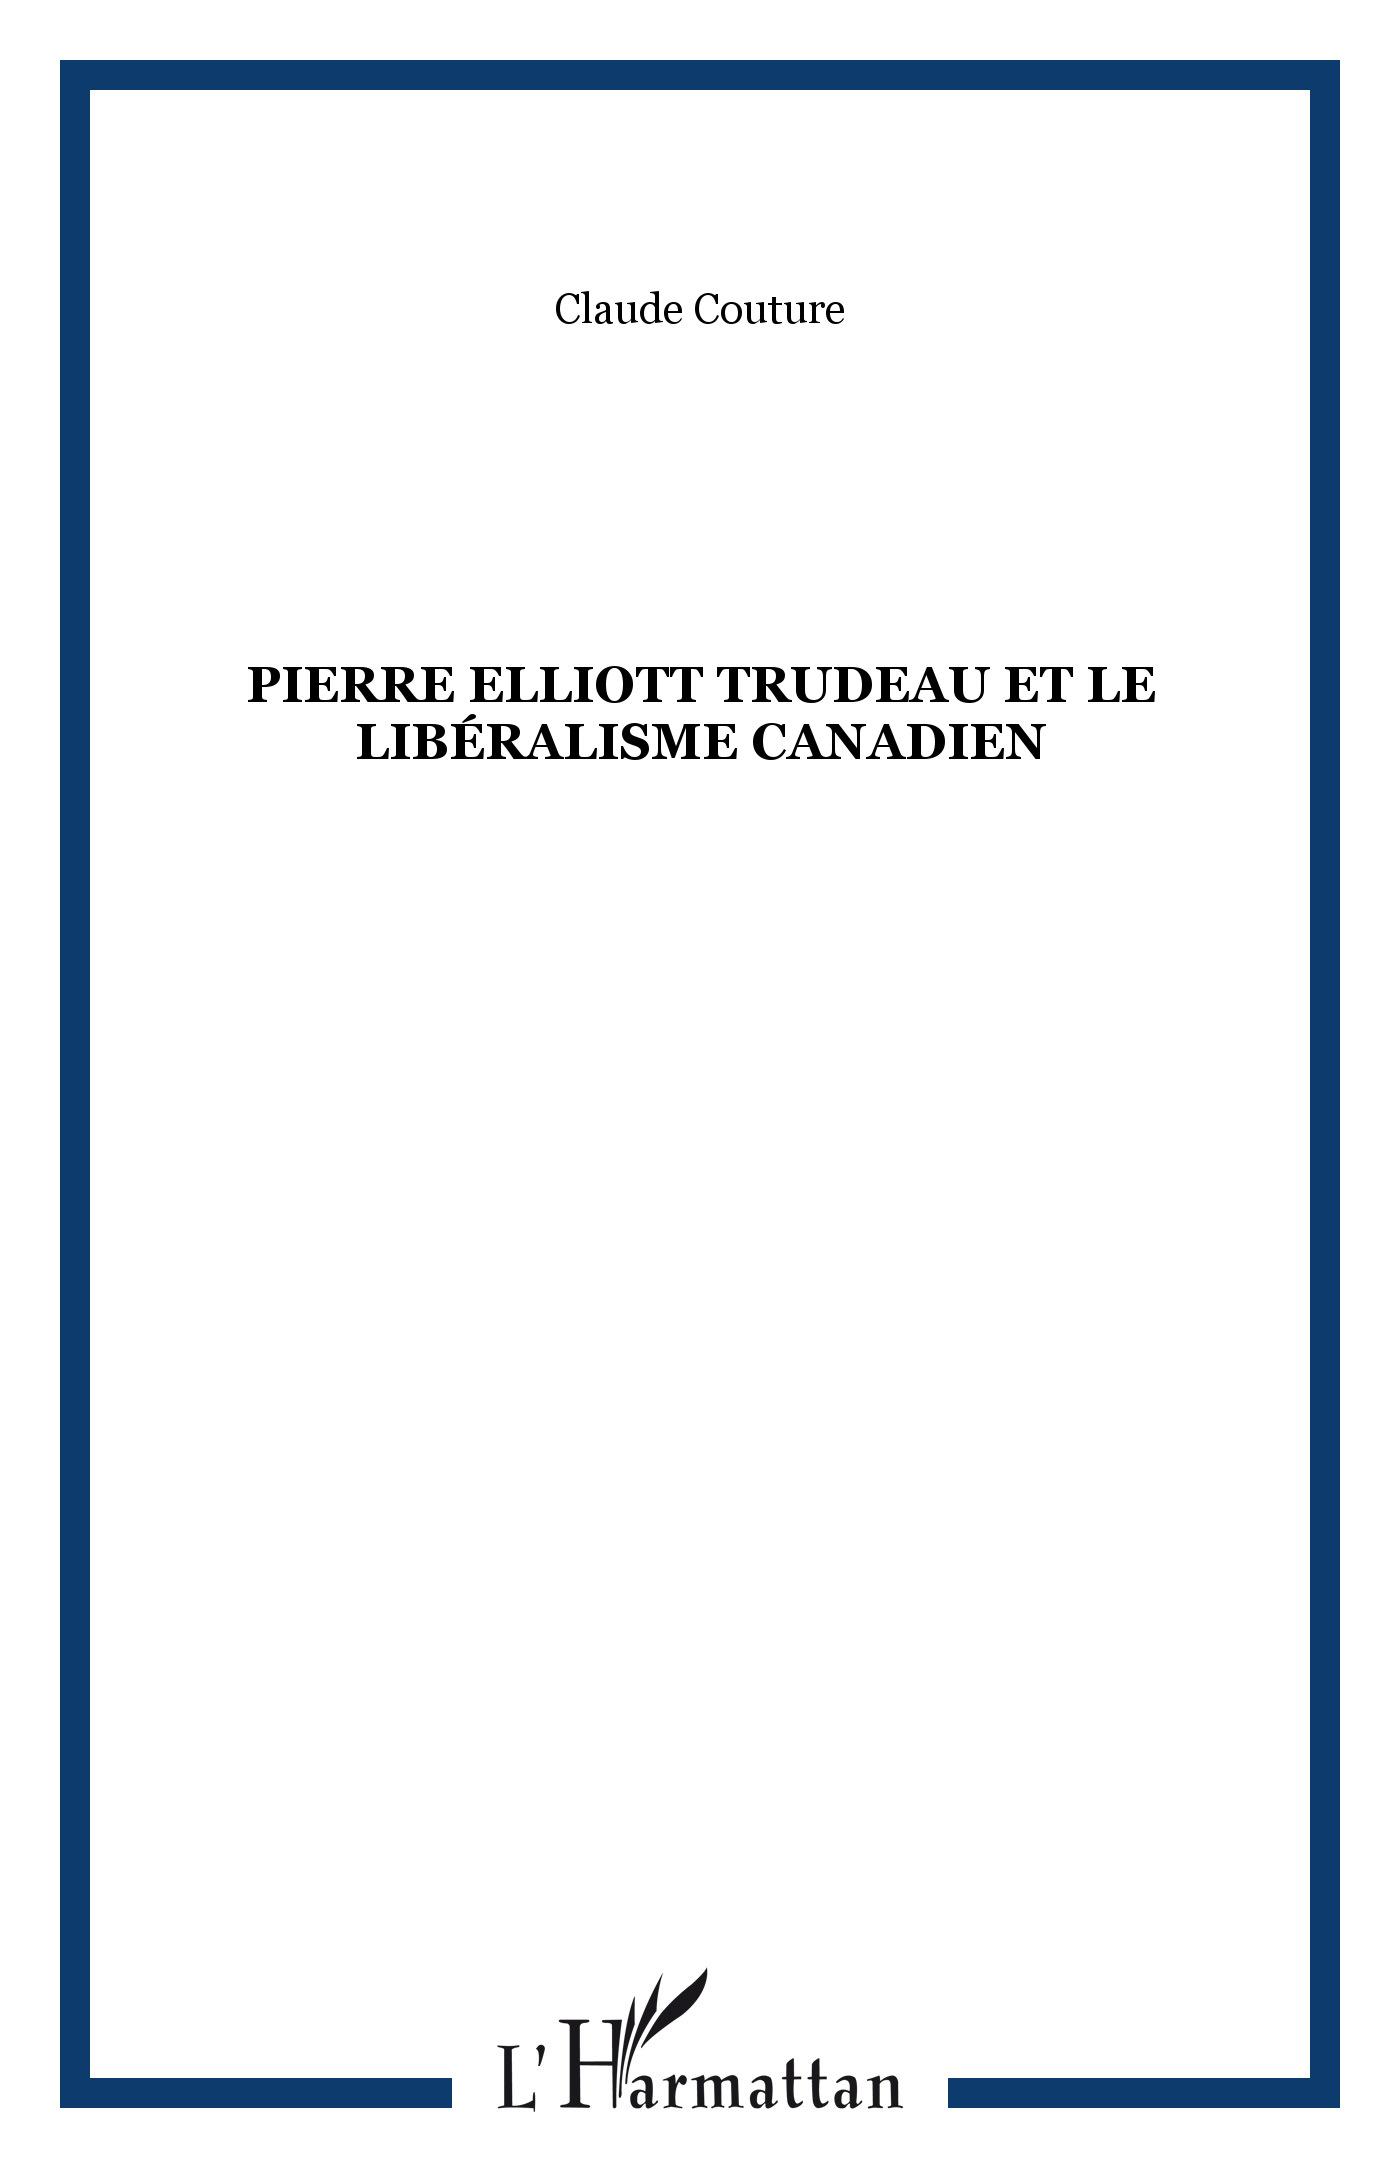 Pierre Elliott